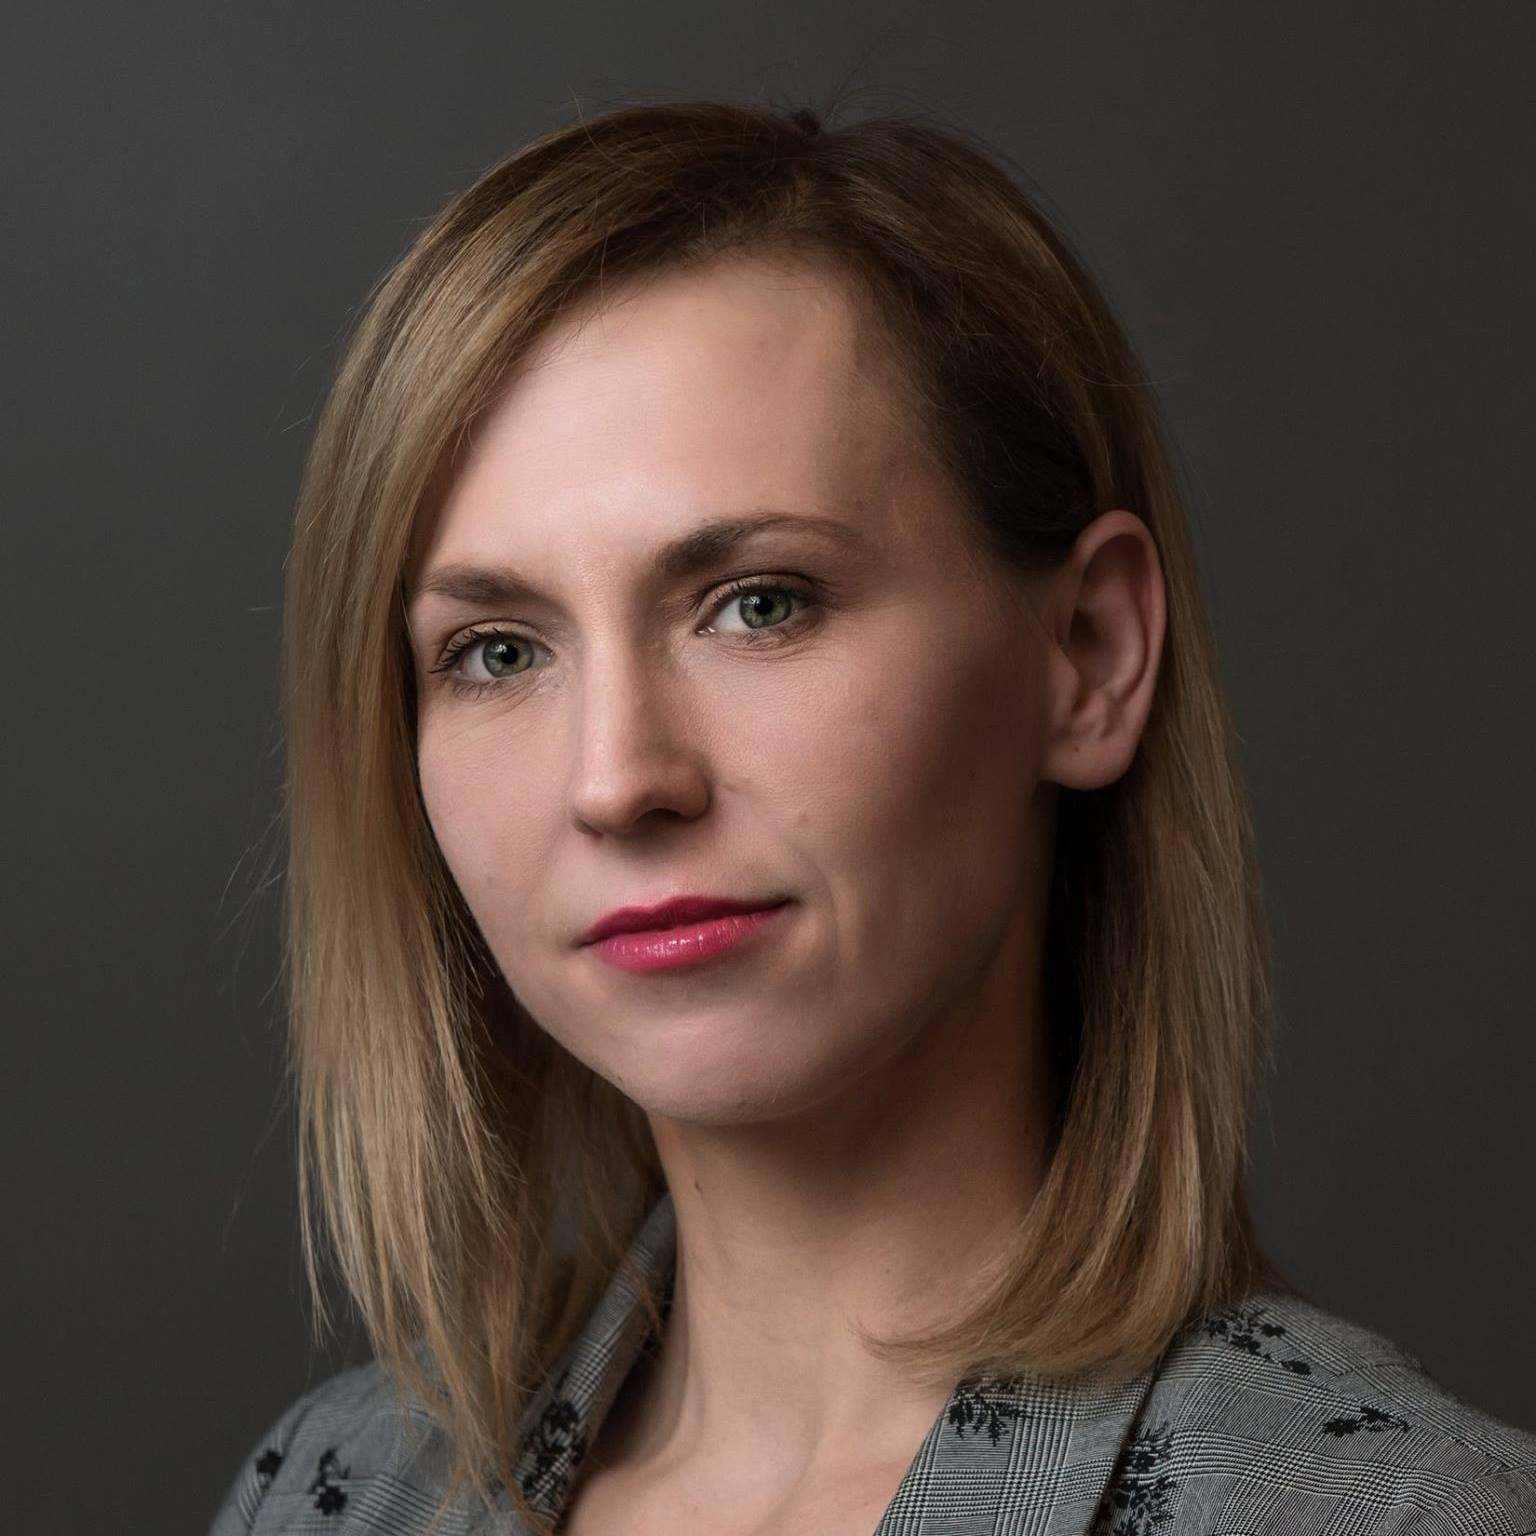 Agnieszka Kantorowska